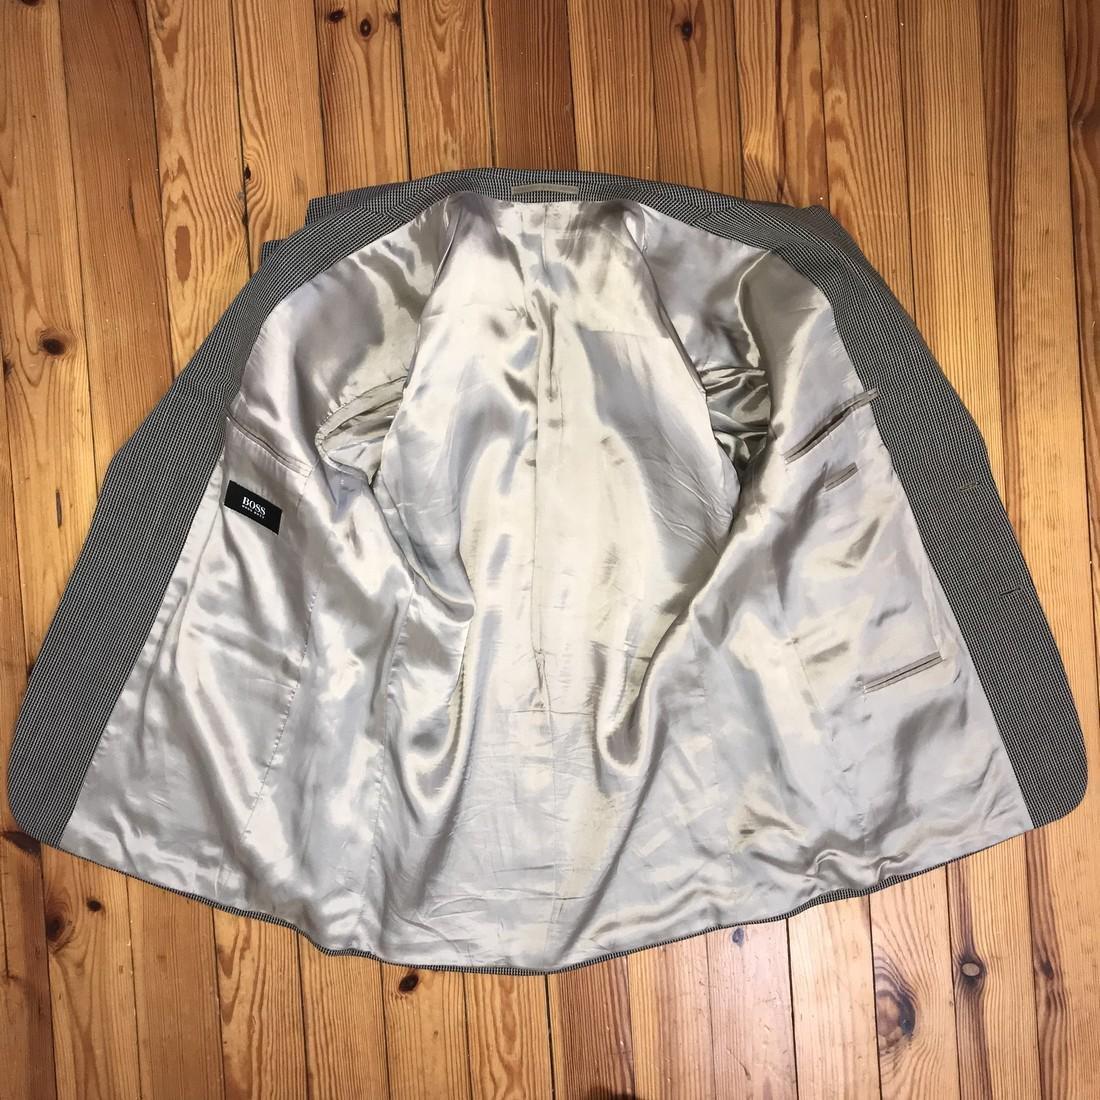 Men's HUGO BOSS Blazer Size 44 Short US/UK or 54 Short - 6